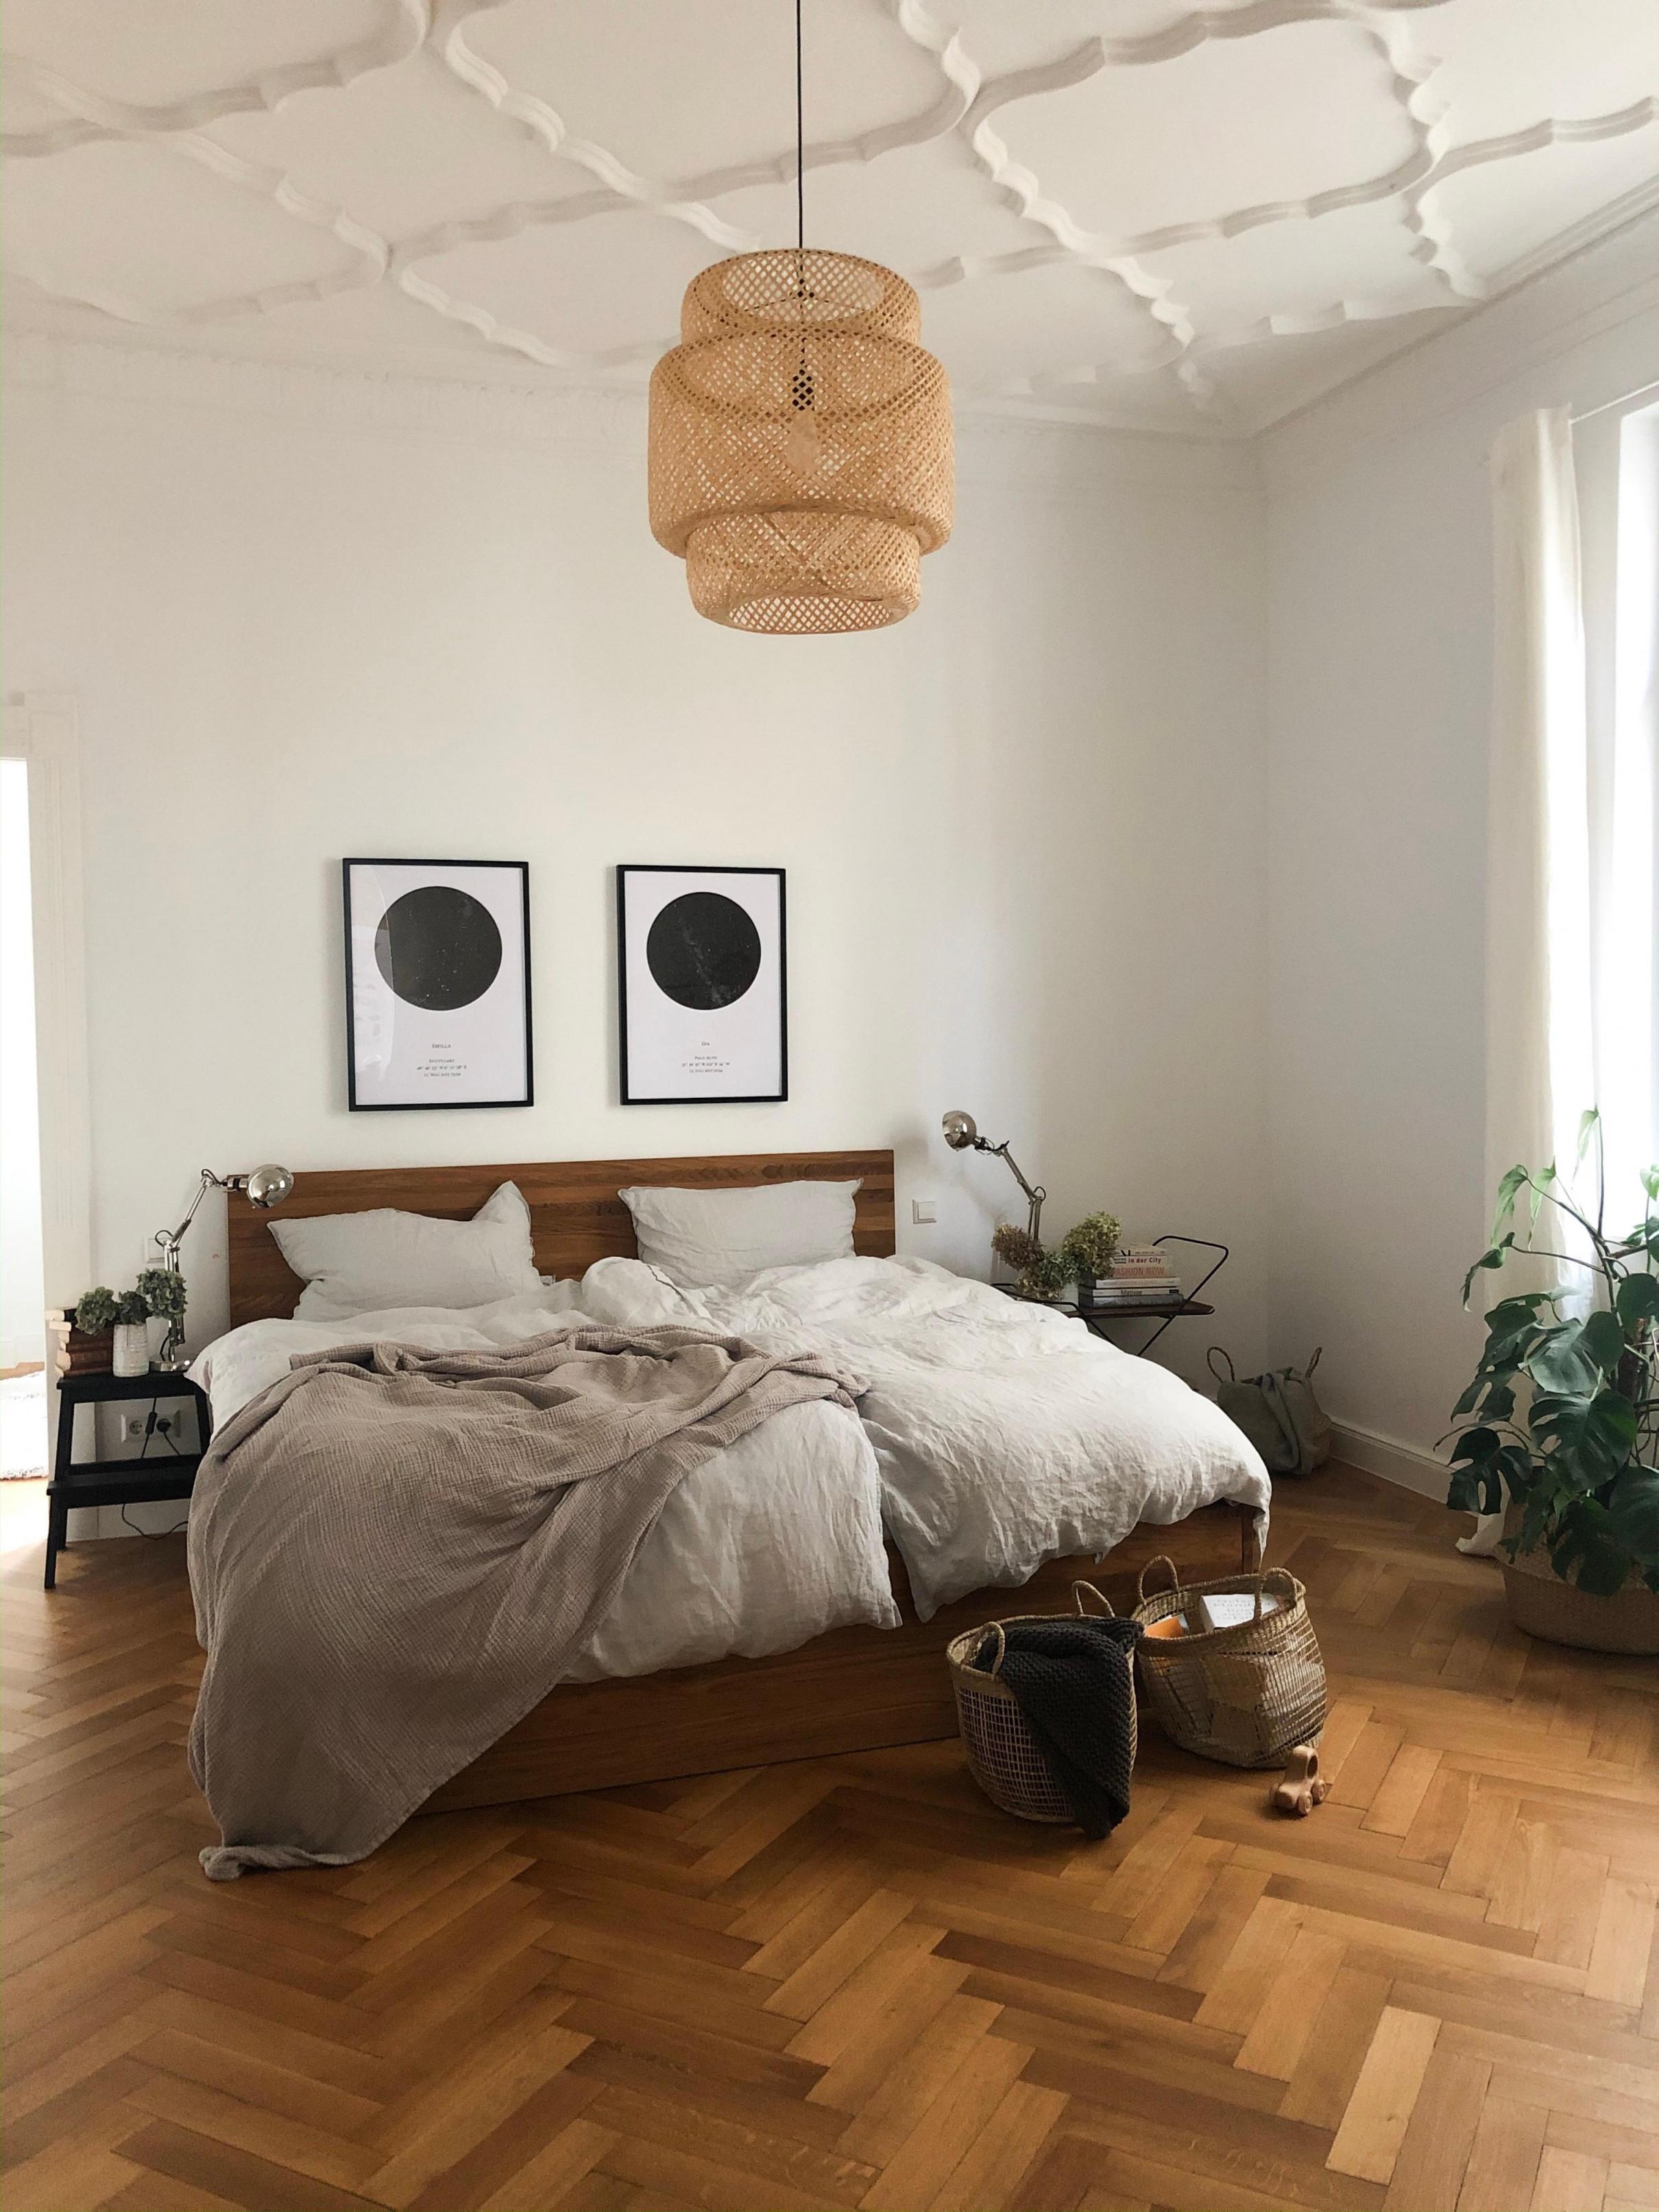 Deckengestaltung Mal Anders Inspiration Auf Couch von Moderne Deckengestaltung Wohnzimmer Bild